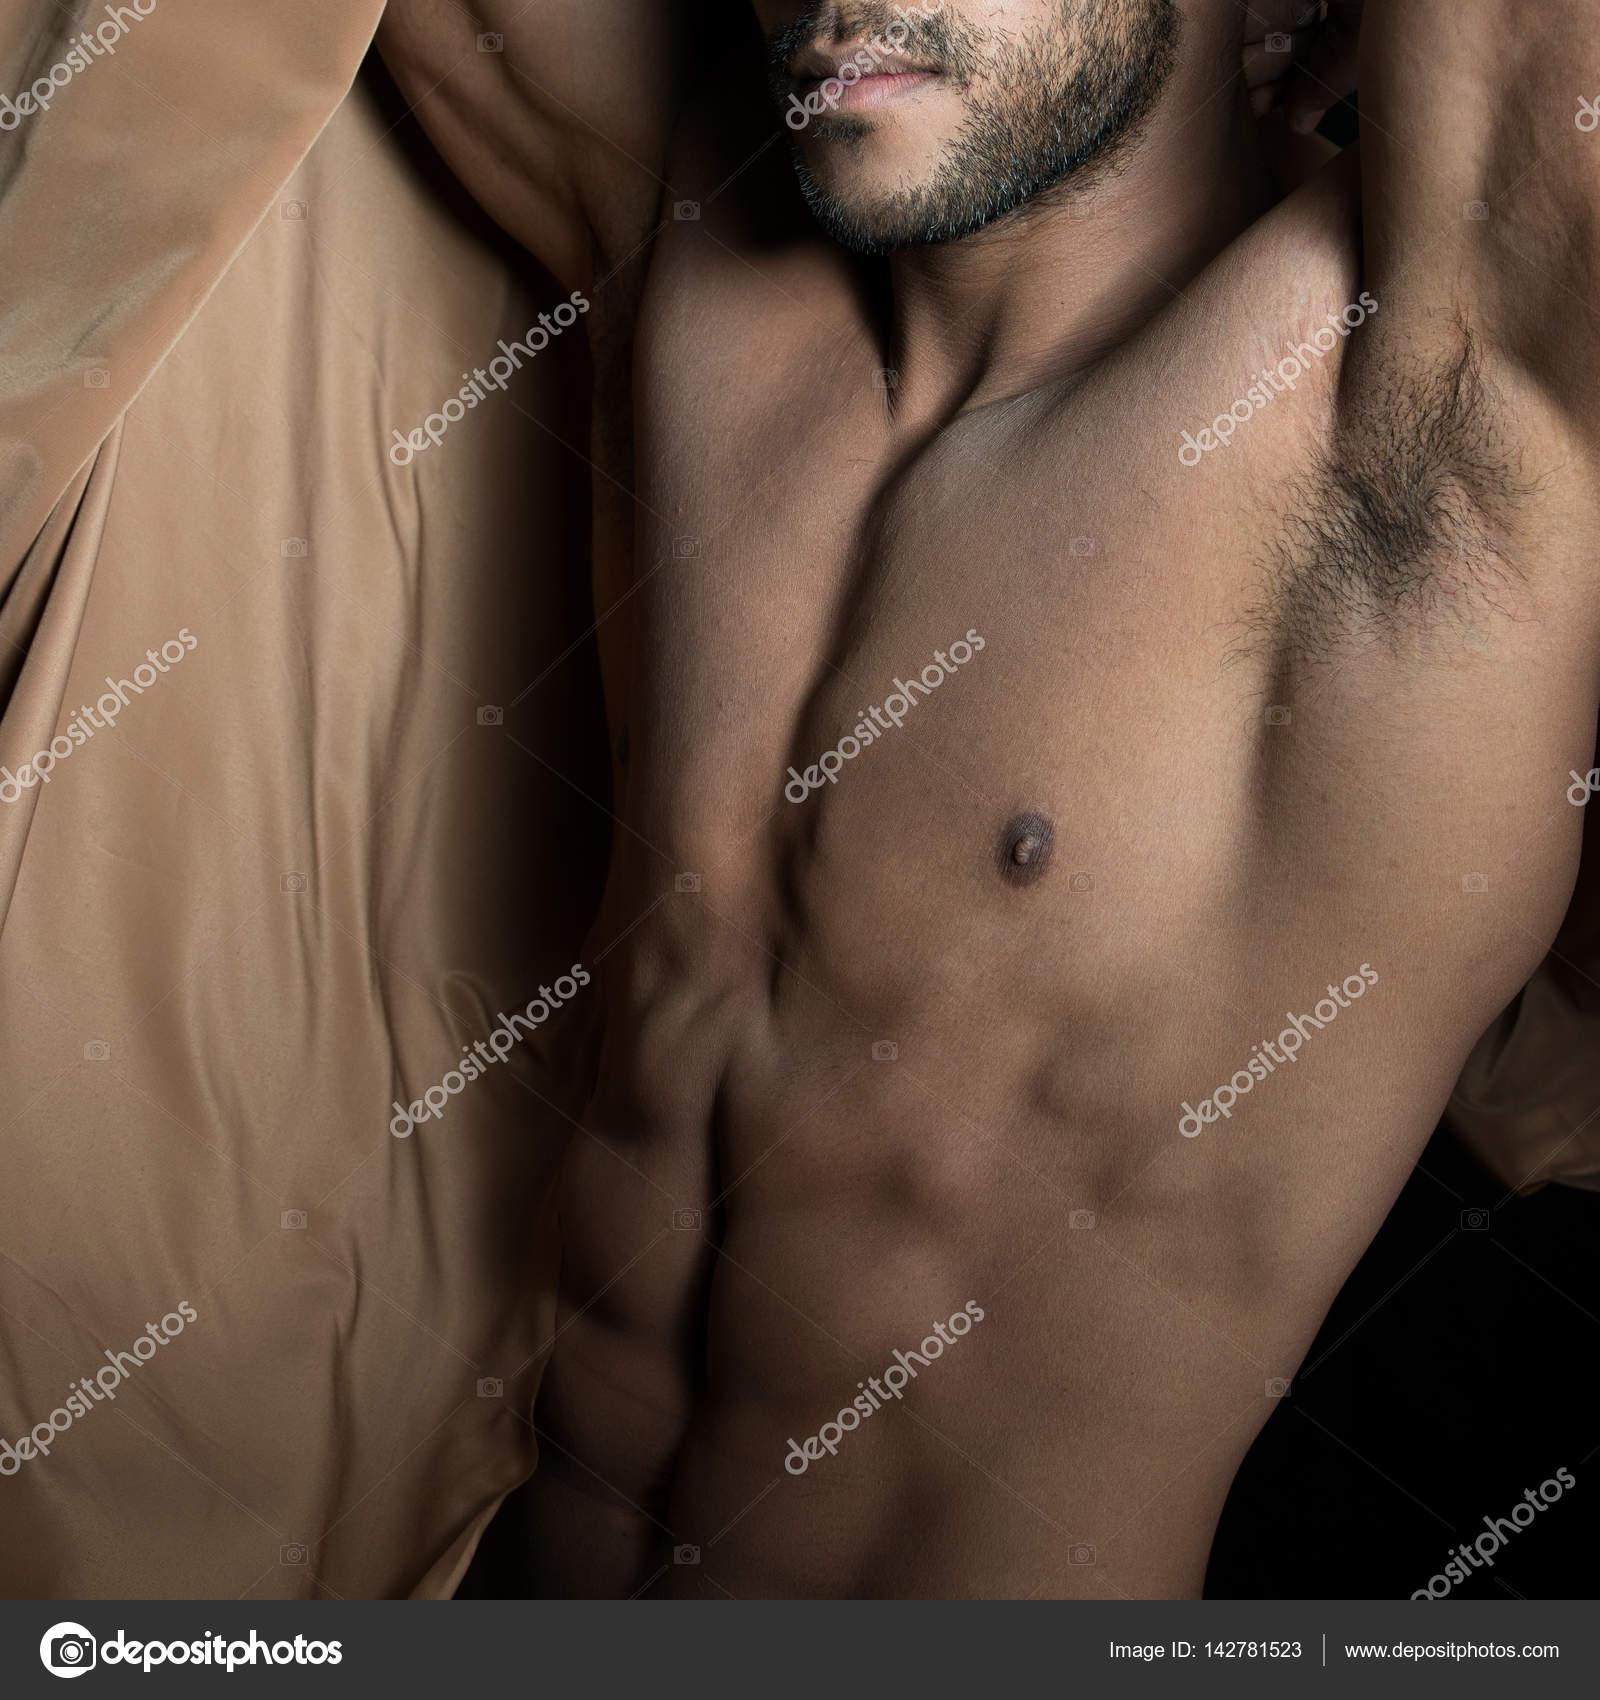 naken passar manliga